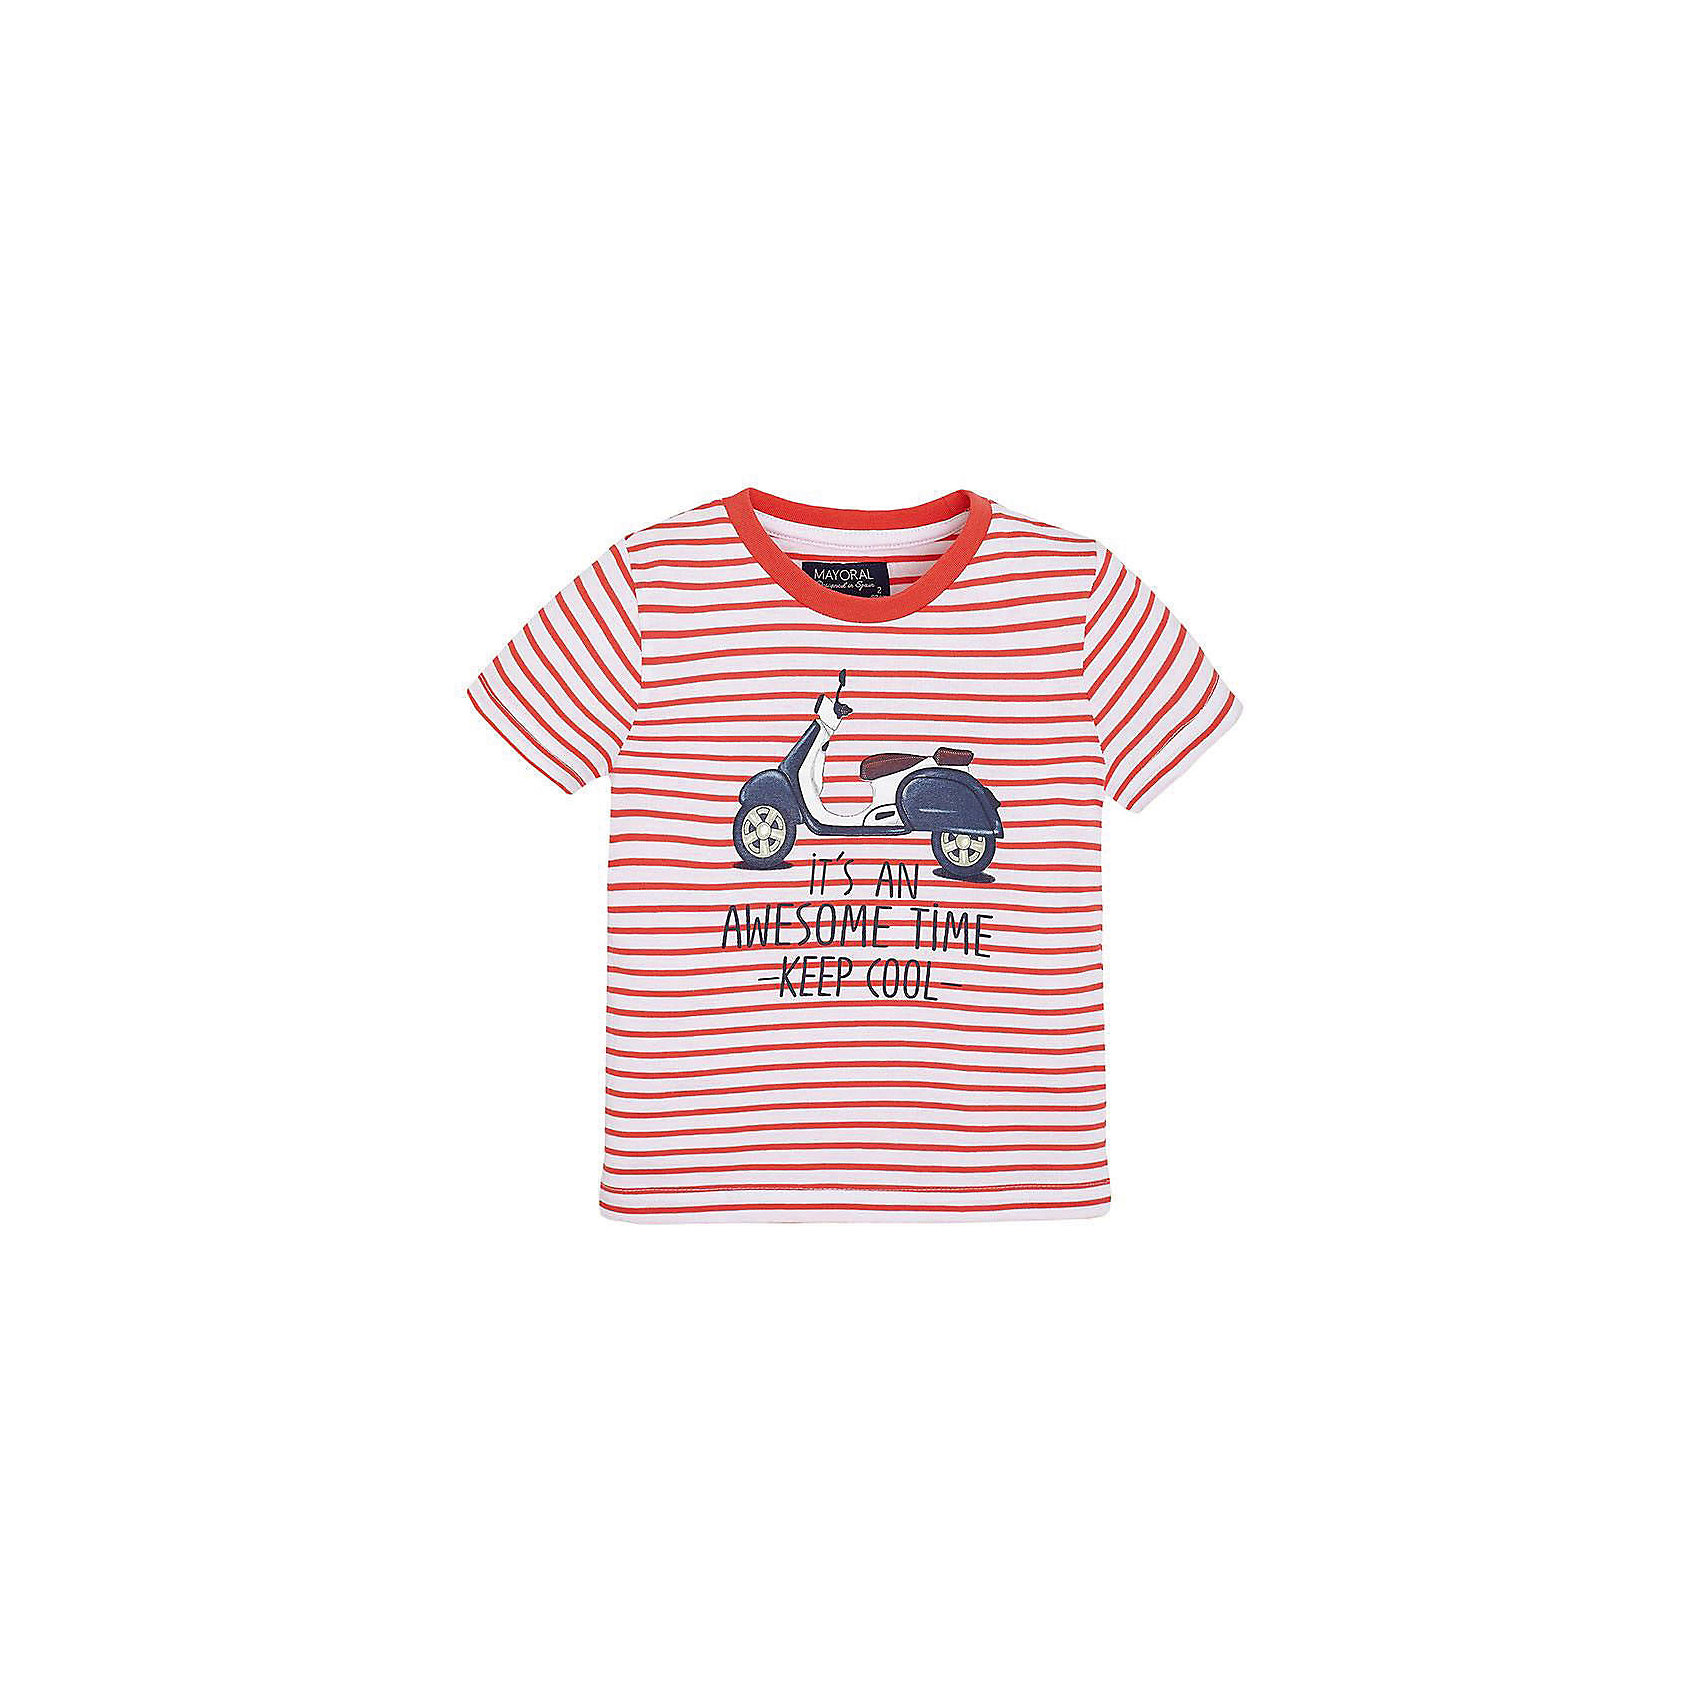 Футболка для мальчика MayoralФутболка для мальчика от известной испанской марки Mayoral <br><br>Стильная футболка от Mayoral - отличный вариант одежды на каждый день! Она прекрасно сочетается с джинсами и шортами.  Модель выполнена из качественных материалов, отлично сидит по фигуре.<br><br>Особенности модели:<br><br>- цвет: розовый, белый;<br>- рукава короткие;<br>- украшена принтом;<br>- натуральные материалы.<br><br>Дополнительная информация:<br><br>Состав: 100% хлопок<br><br>Футболку для мальчика Mayoral (Майорал) можно купить в нашем магазине.<br><br>Ширина мм: 199<br>Глубина мм: 10<br>Высота мм: 161<br>Вес г: 151<br>Цвет: розовый<br>Возраст от месяцев: 84<br>Возраст до месяцев: 96<br>Пол: Мужской<br>Возраст: Детский<br>Размер: 128,116,98,92,104,110,134,122<br>SKU: 4541304